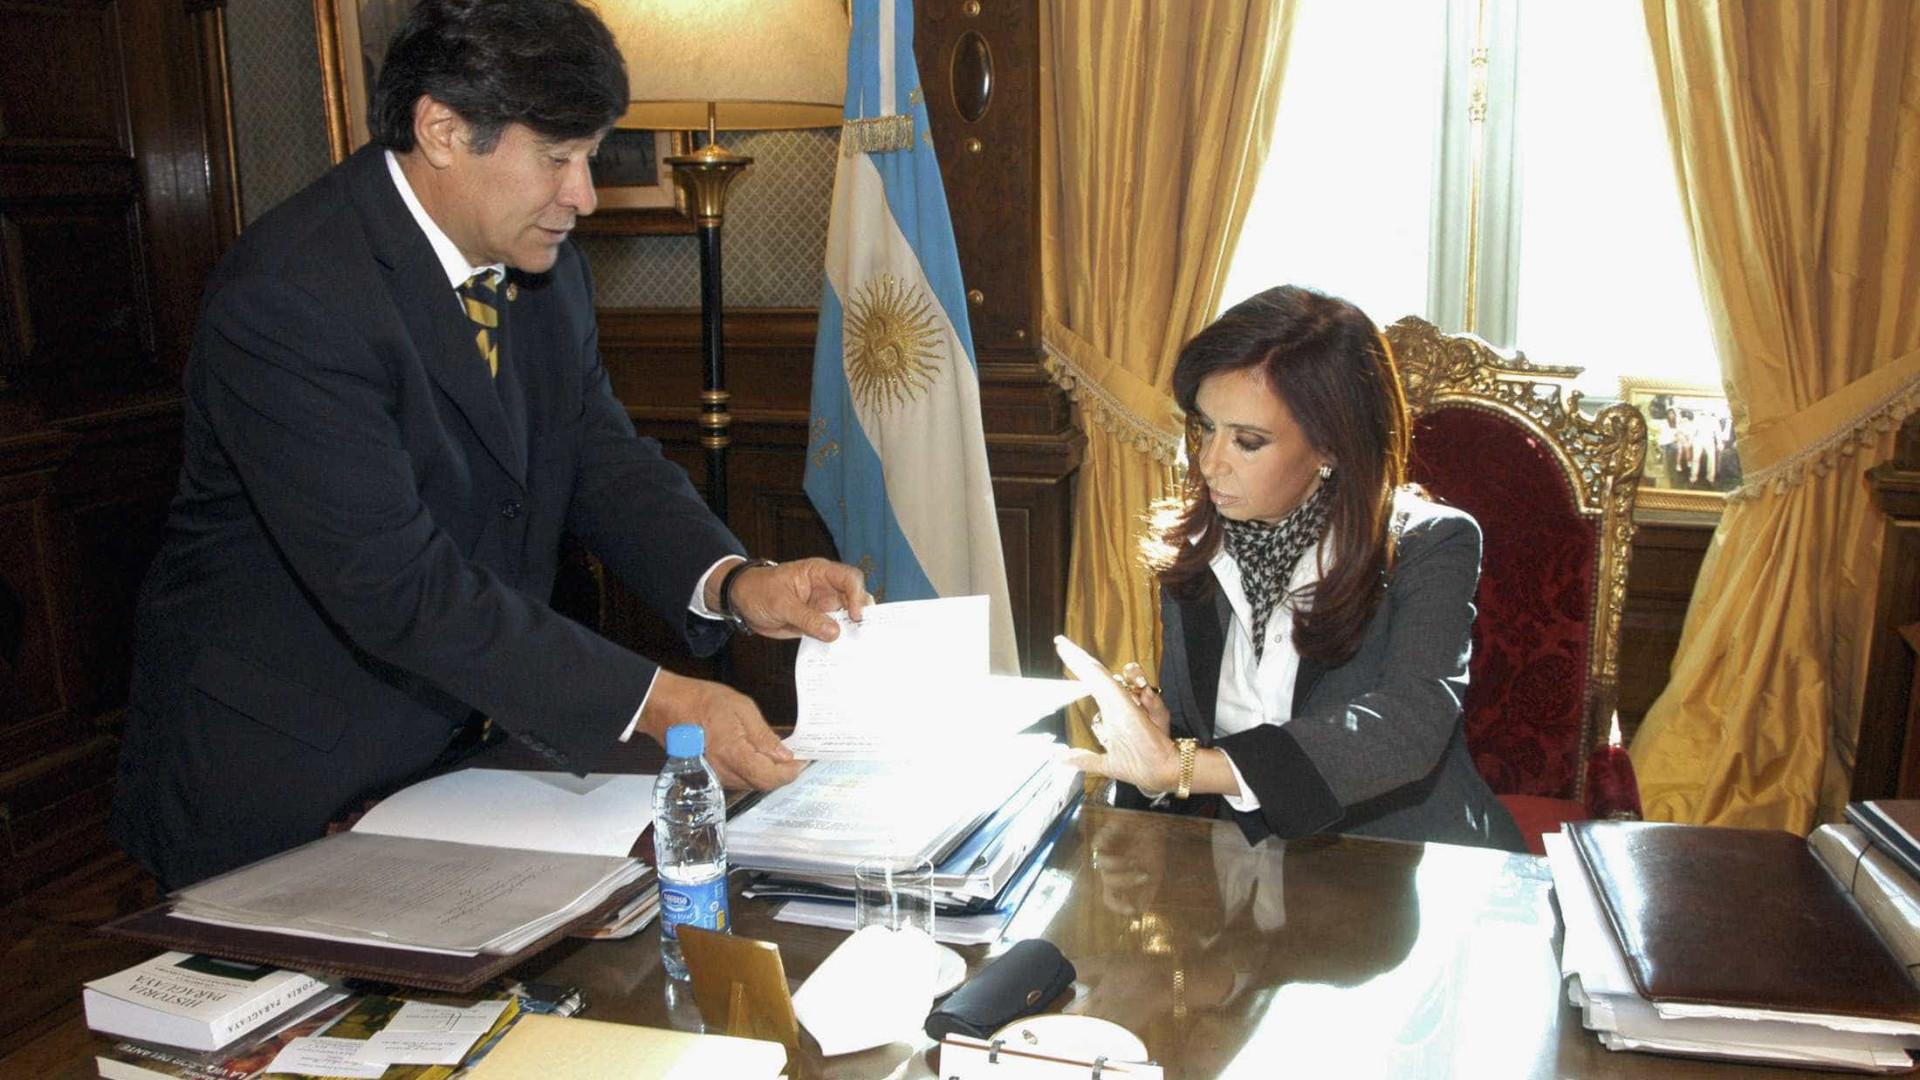 Ex-secretário de Cristina Kirchner é preso em Santa Cruz, Argentina